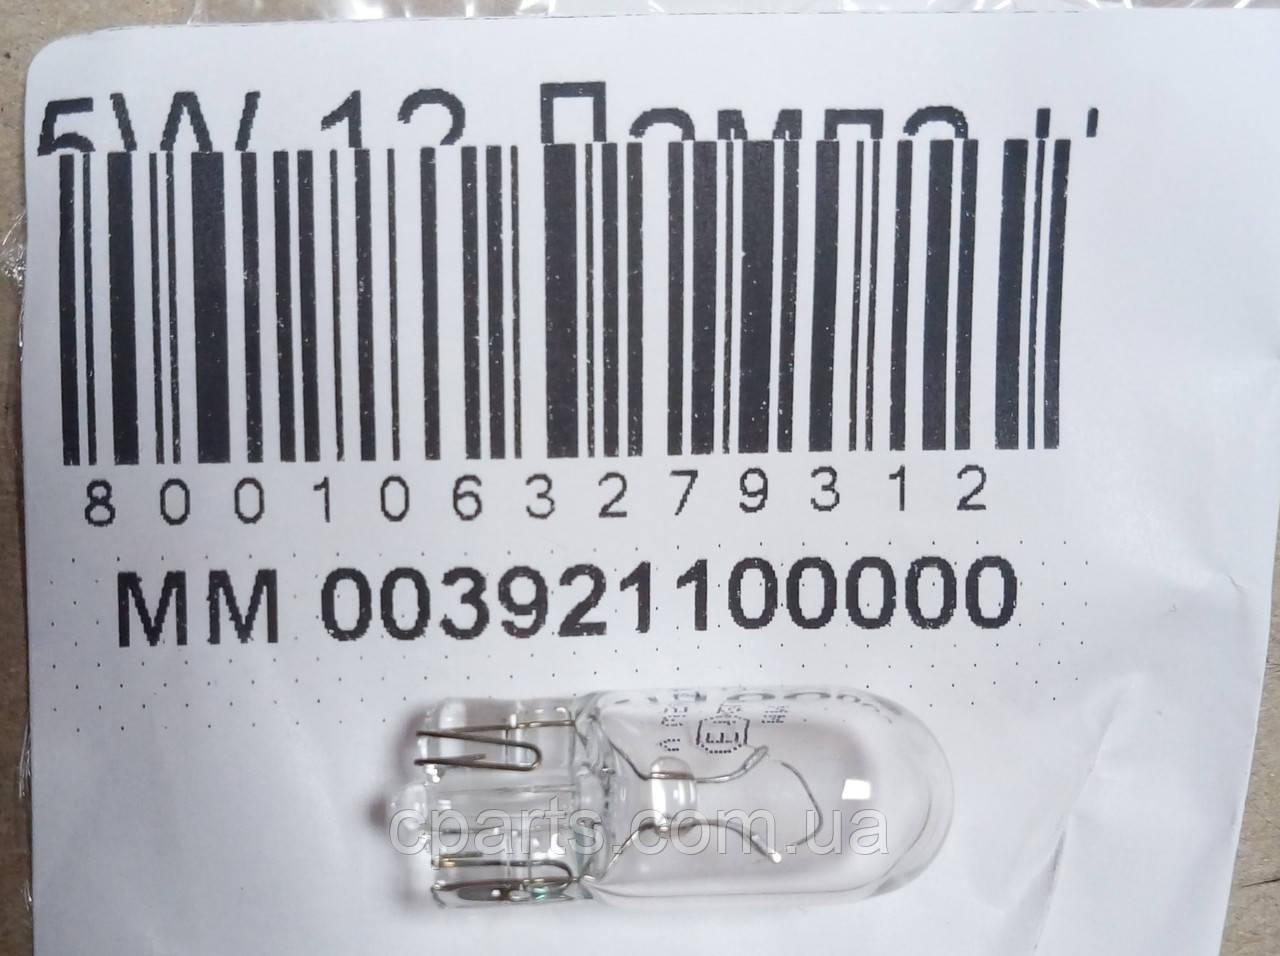 Лампа бокового указателя поворота Dacia Sandero (Magneti Marelli 003921100000)(высокое качество)